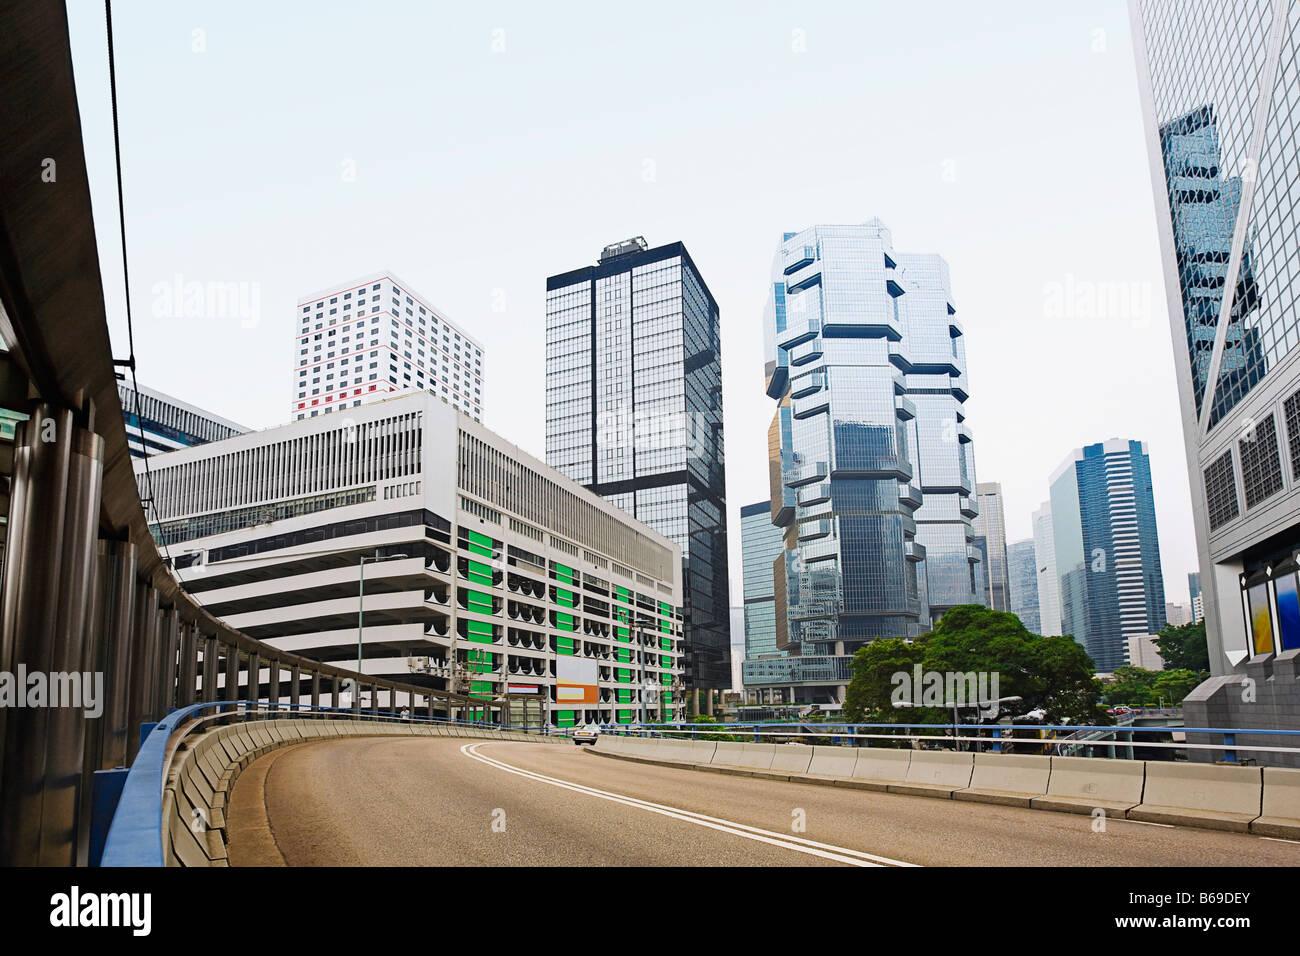 Low angle view of skyscrapers dans une ville, Des Voeux Road, l'île de Hong Kong, Chine Banque D'Images